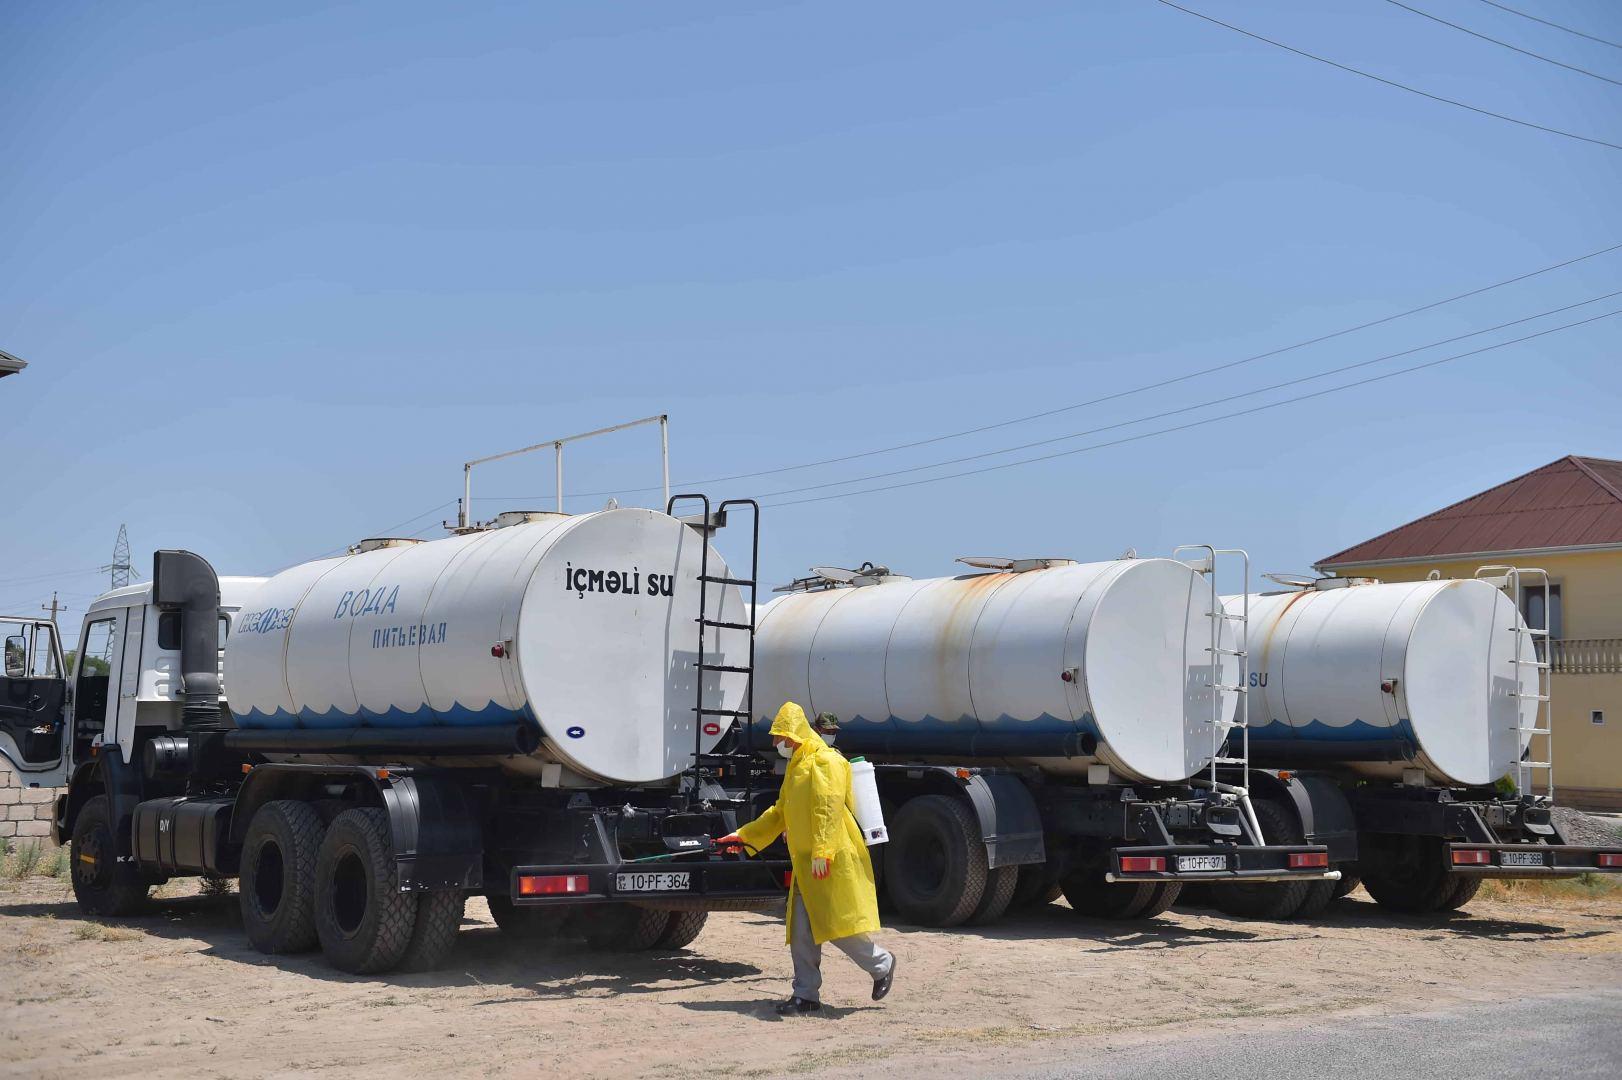 Neftçalada içməli su problemini aradan qaldırmaq üçün su çənləri quraşdırılıb (FOTO) - Gallery Image